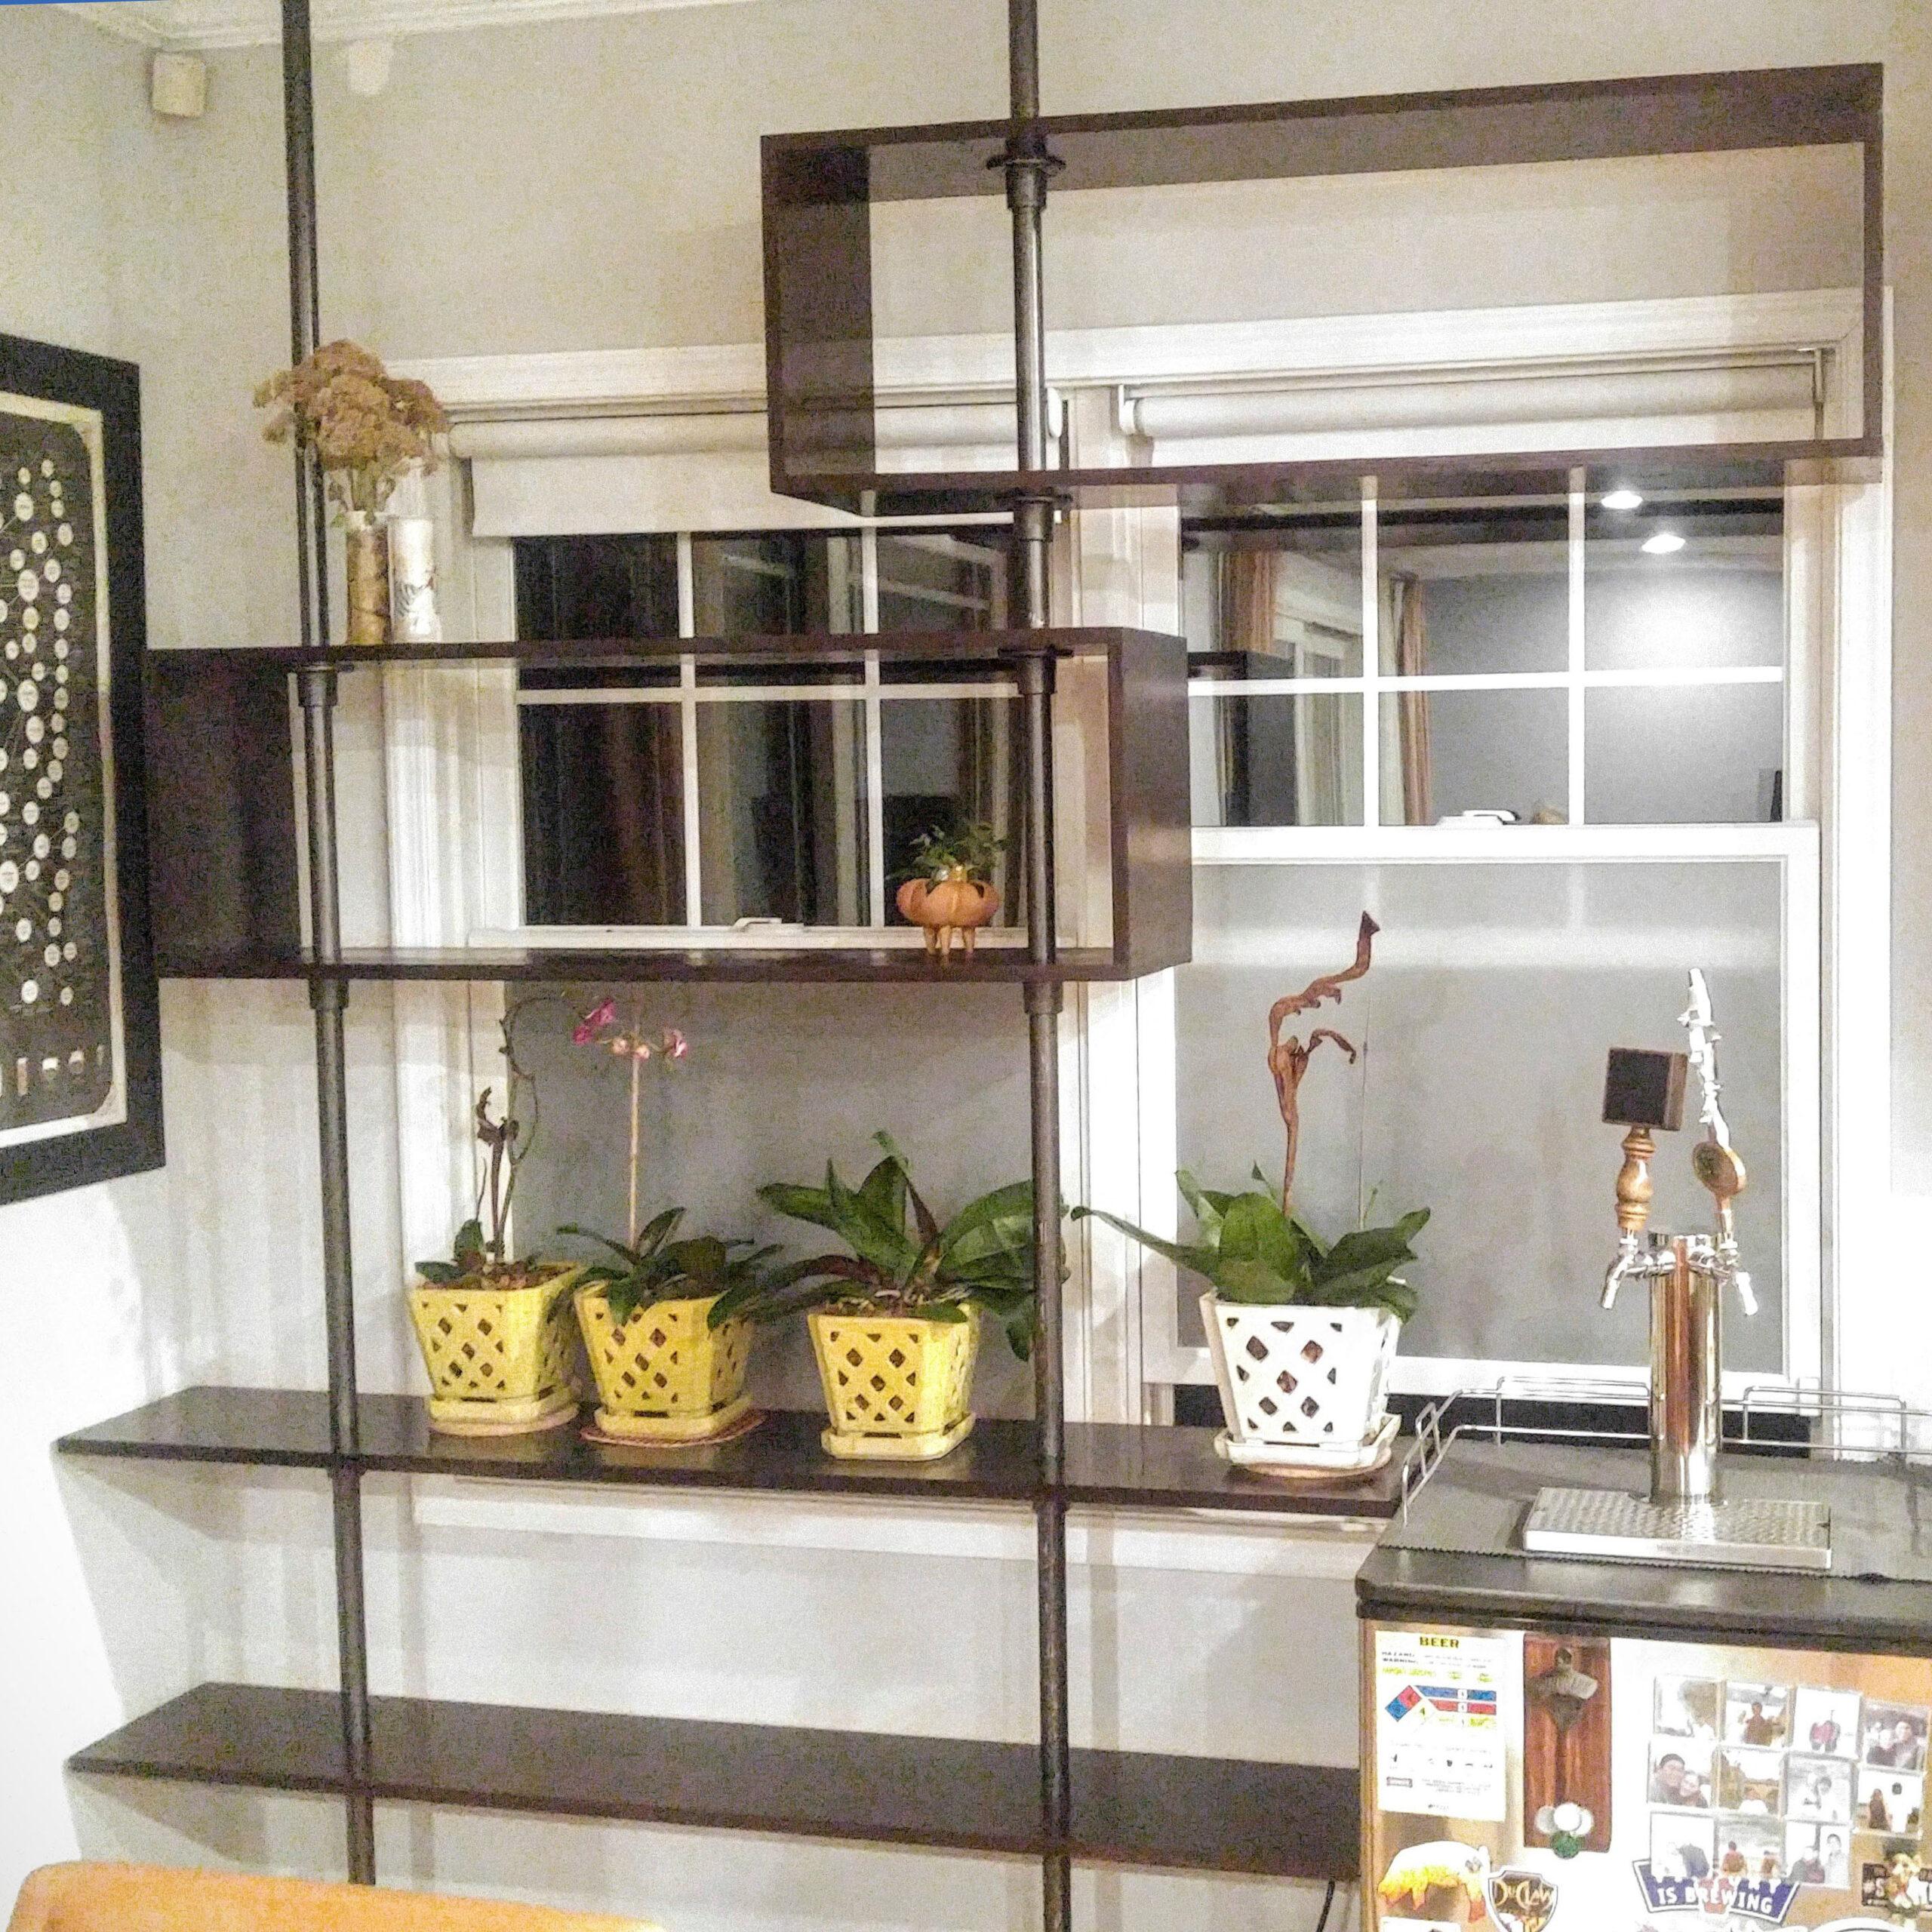 Full Size of Hängeregal Kücheninsel 59 Diy Regale Zum Selber Bauen Was Werden Sie Küche Wohnzimmer Hängeregal Kücheninsel